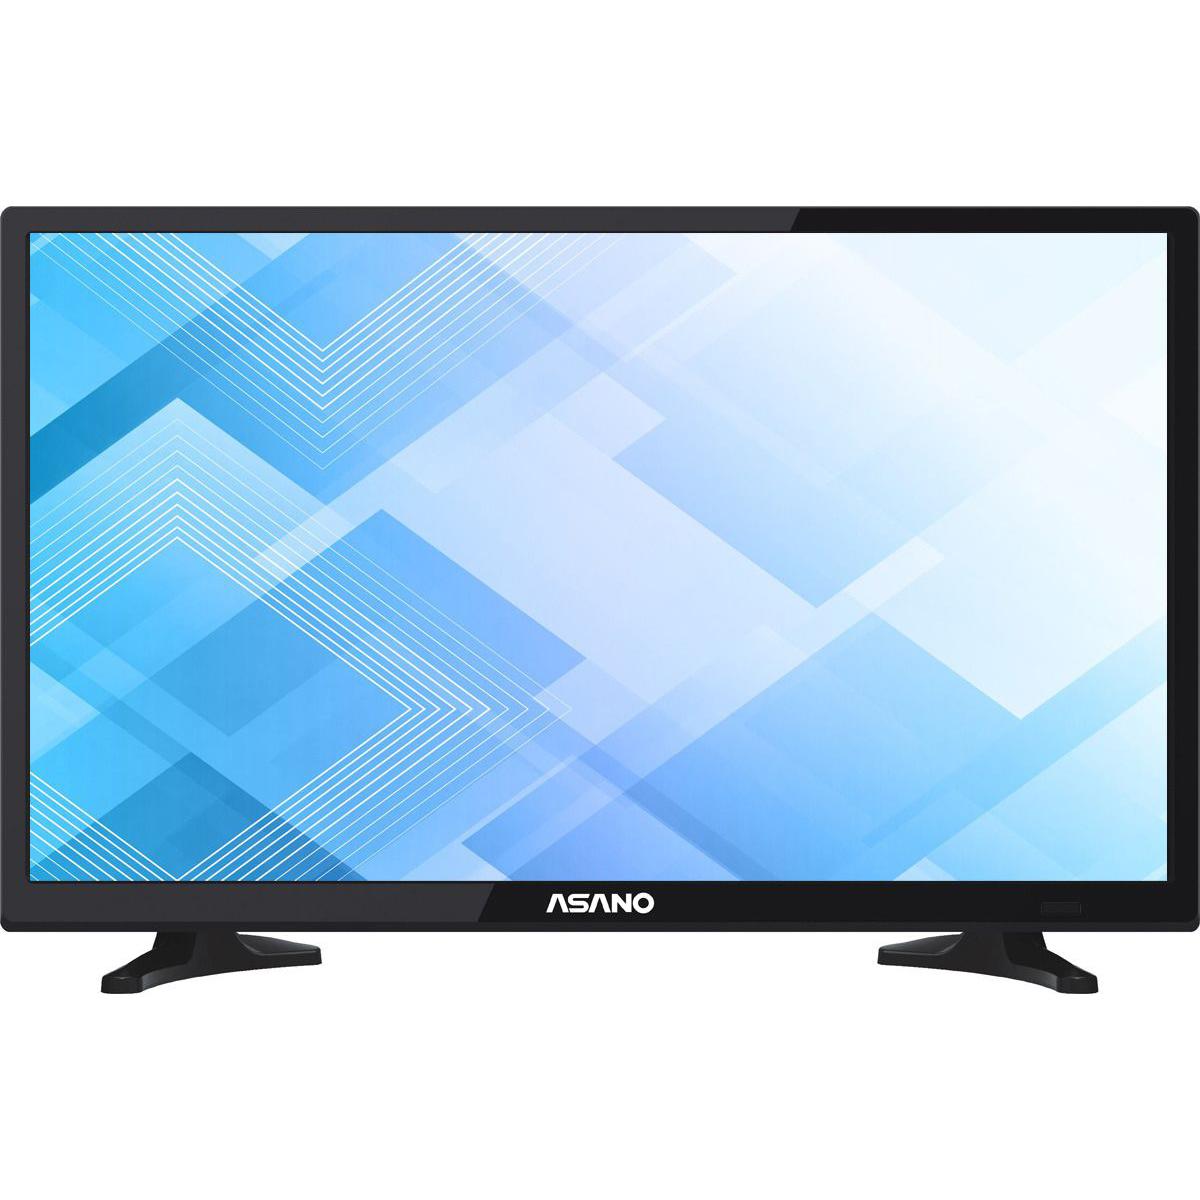 Фото - Телевизор Asano 40LF1010T телевизор vekta led32 ld 32sr4231bt